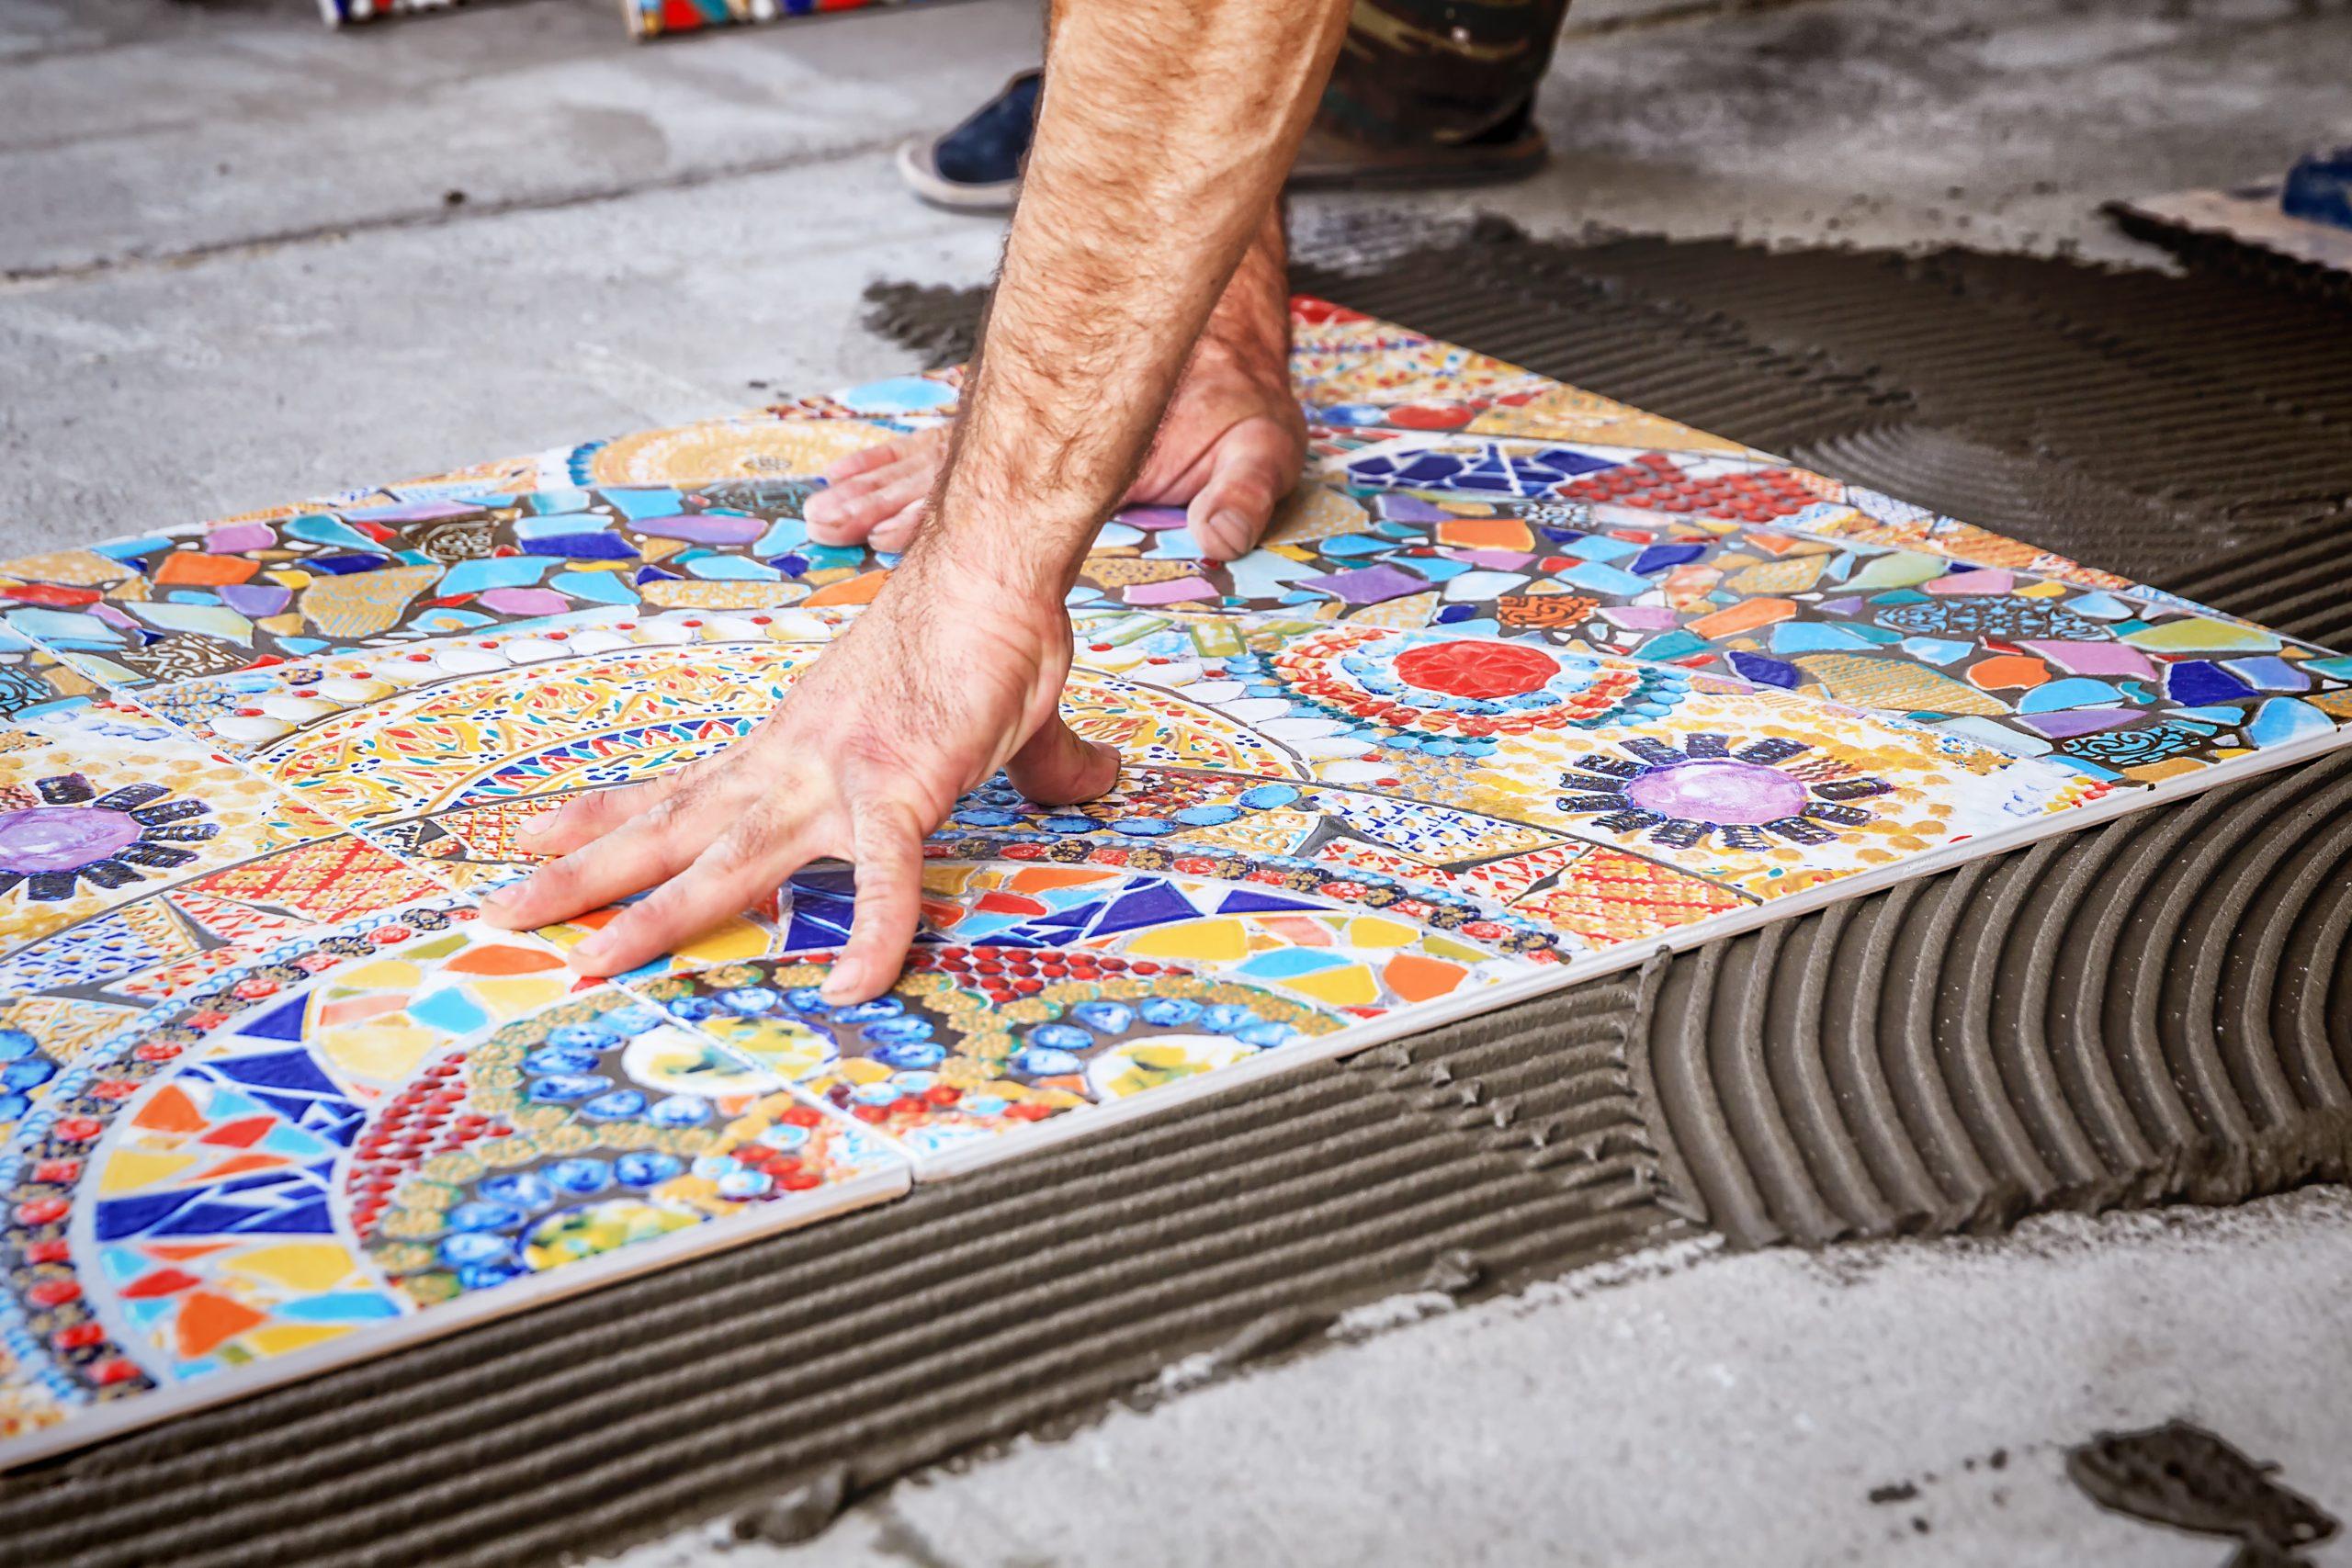 Southampton Tilers Mosaic